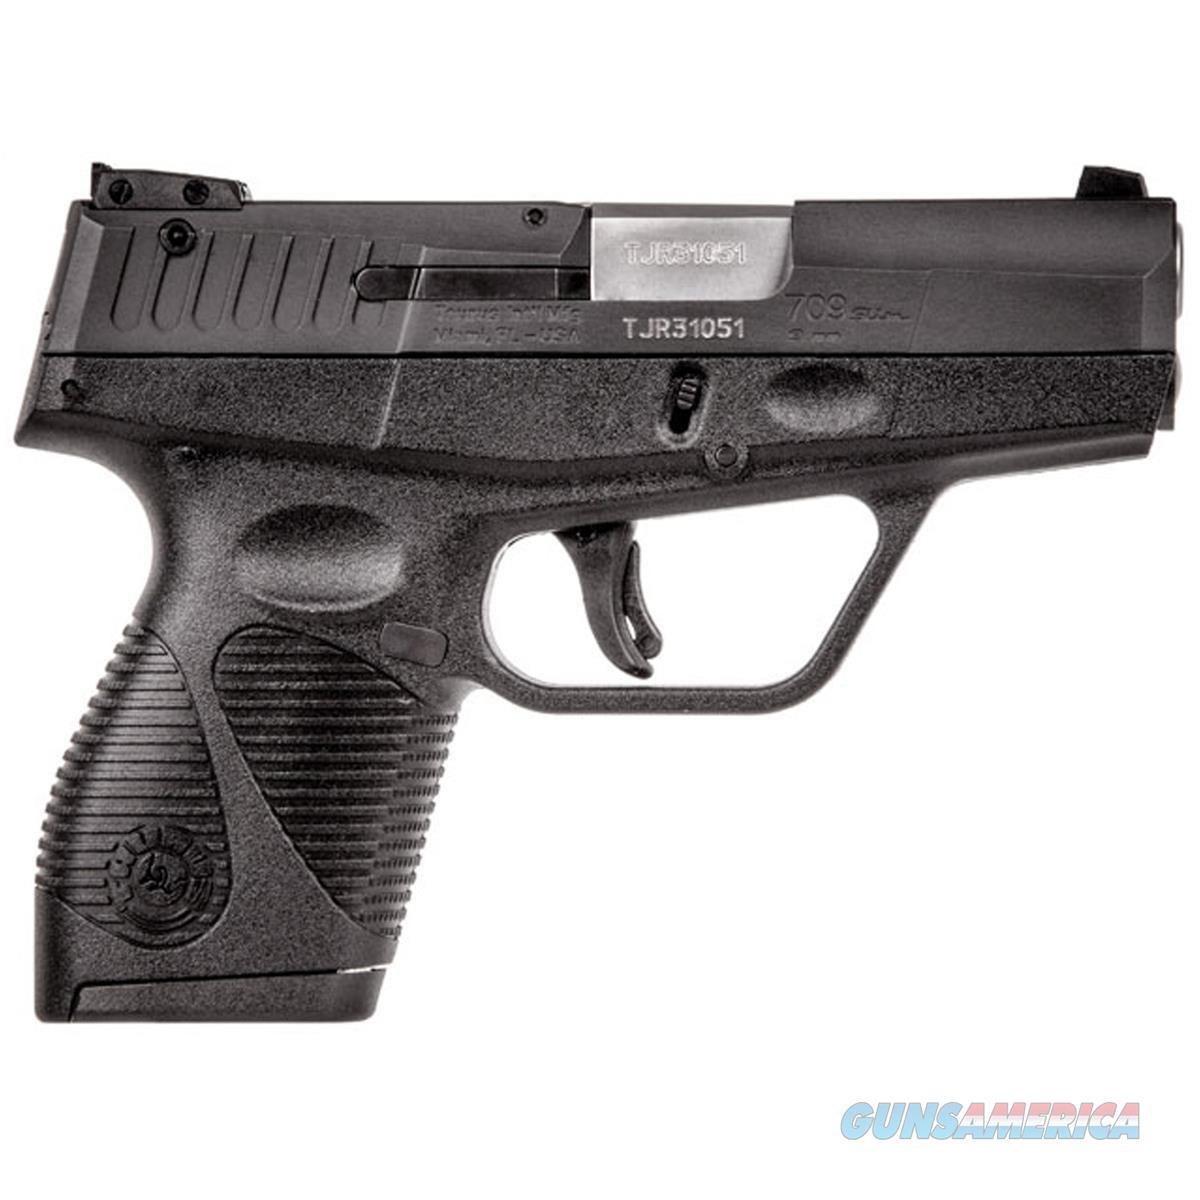 TAURUS 709 SLIM 9MM NIB FREE SHIPPING  Guns > Pistols > Taurus Pistols > Semi Auto Pistols > Polymer Frame